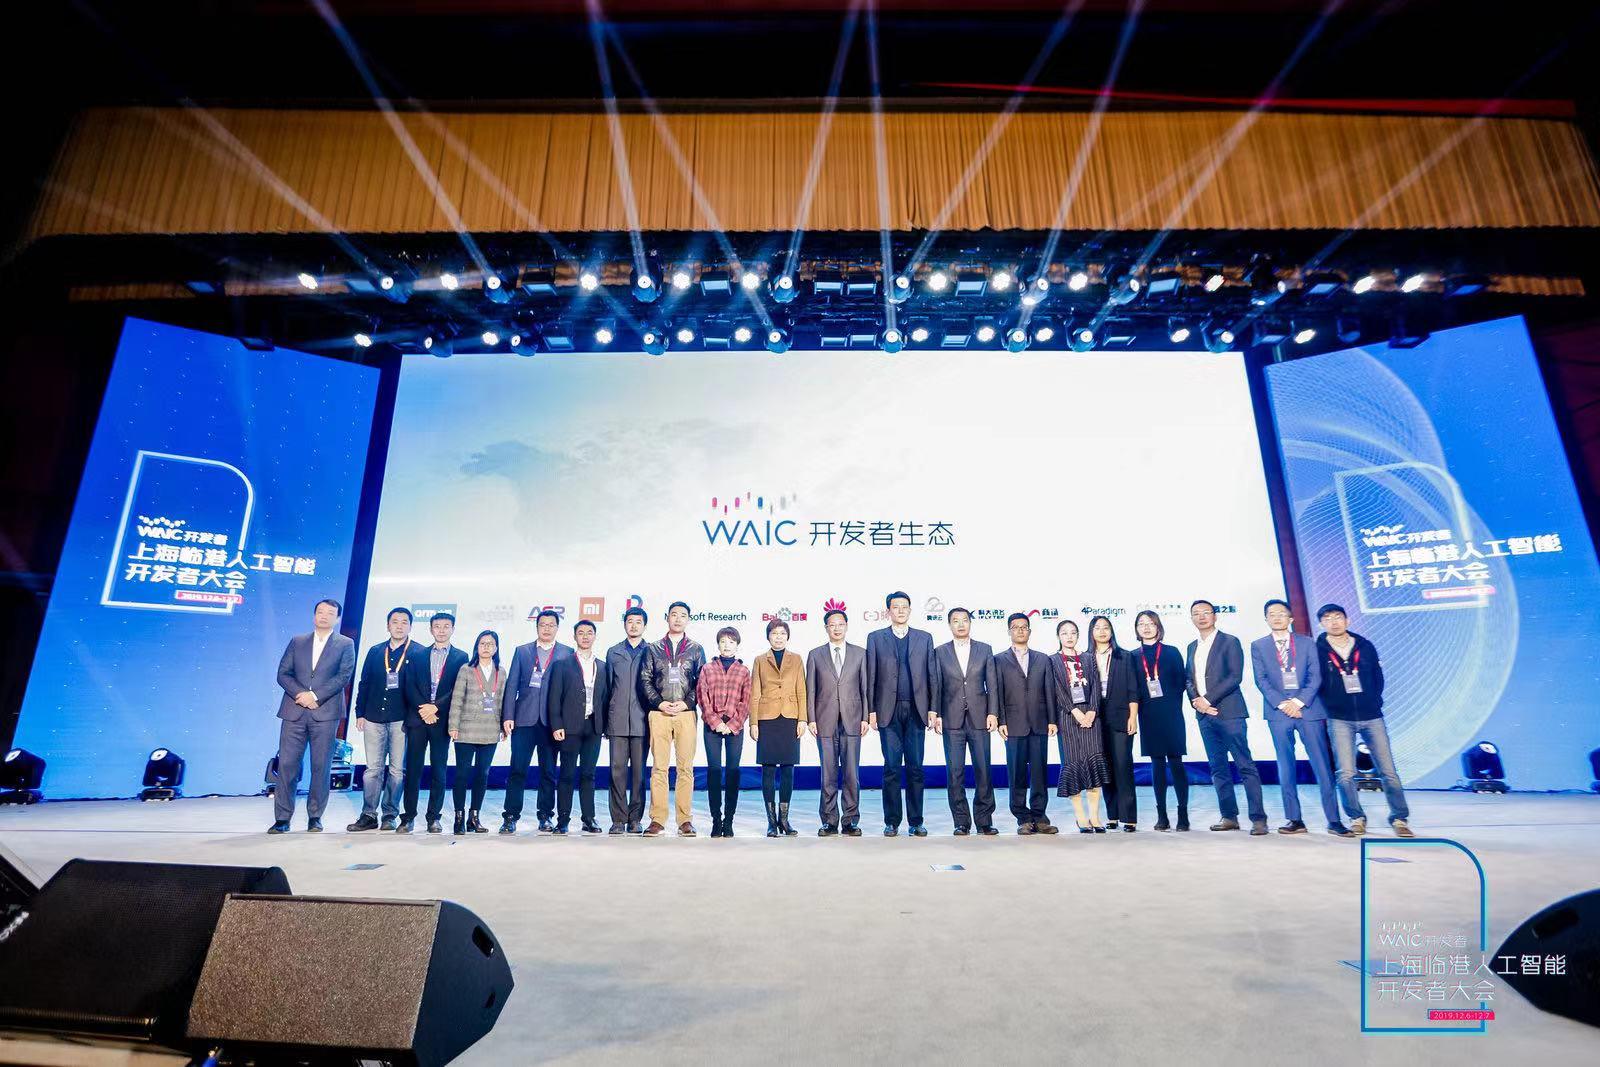 15家企業聯合啟動WAIC開發者生態 打造全球有影響力技術社區